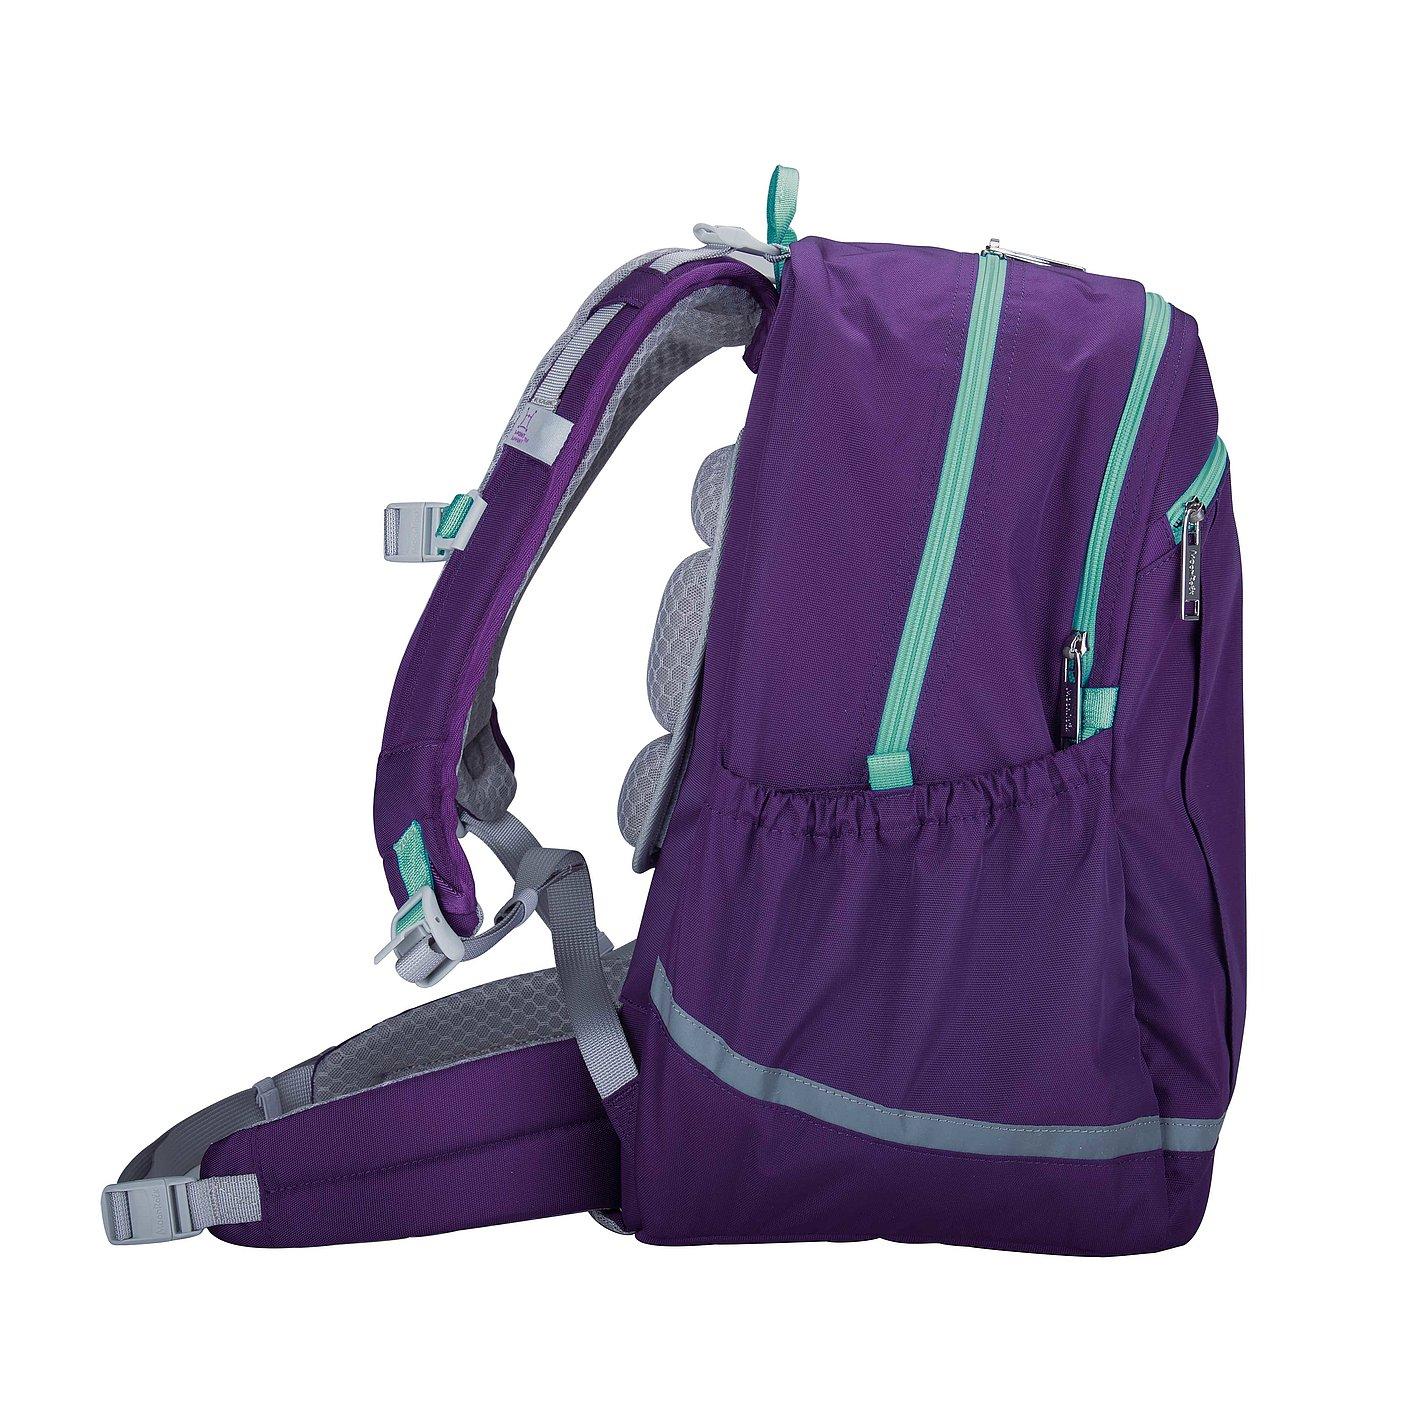 MoonRock Schoolbag | Red Dot Design Award